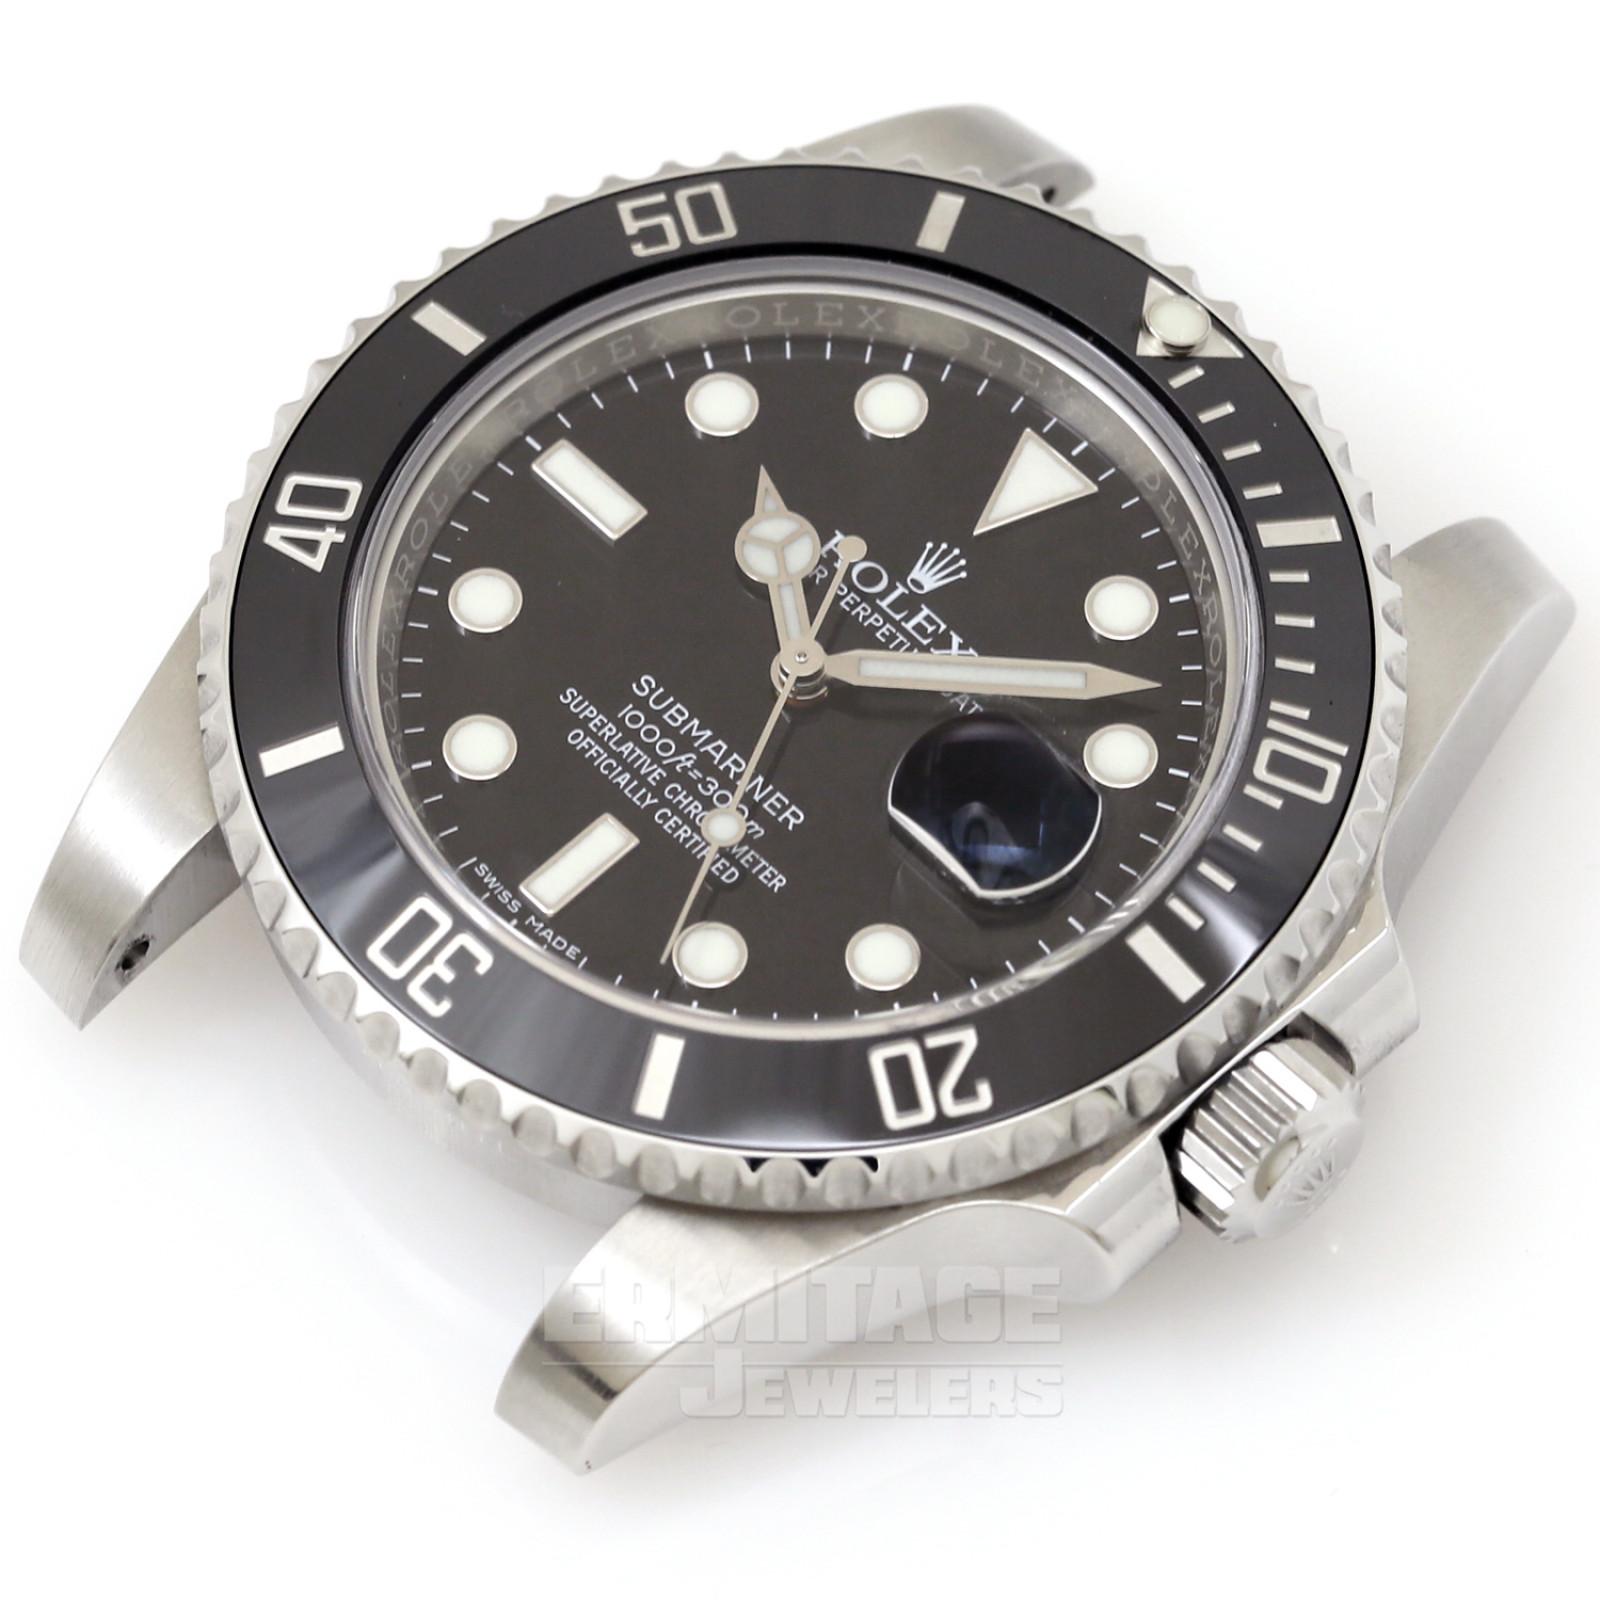 2017 Black Rolex Submariner Ref. 116610